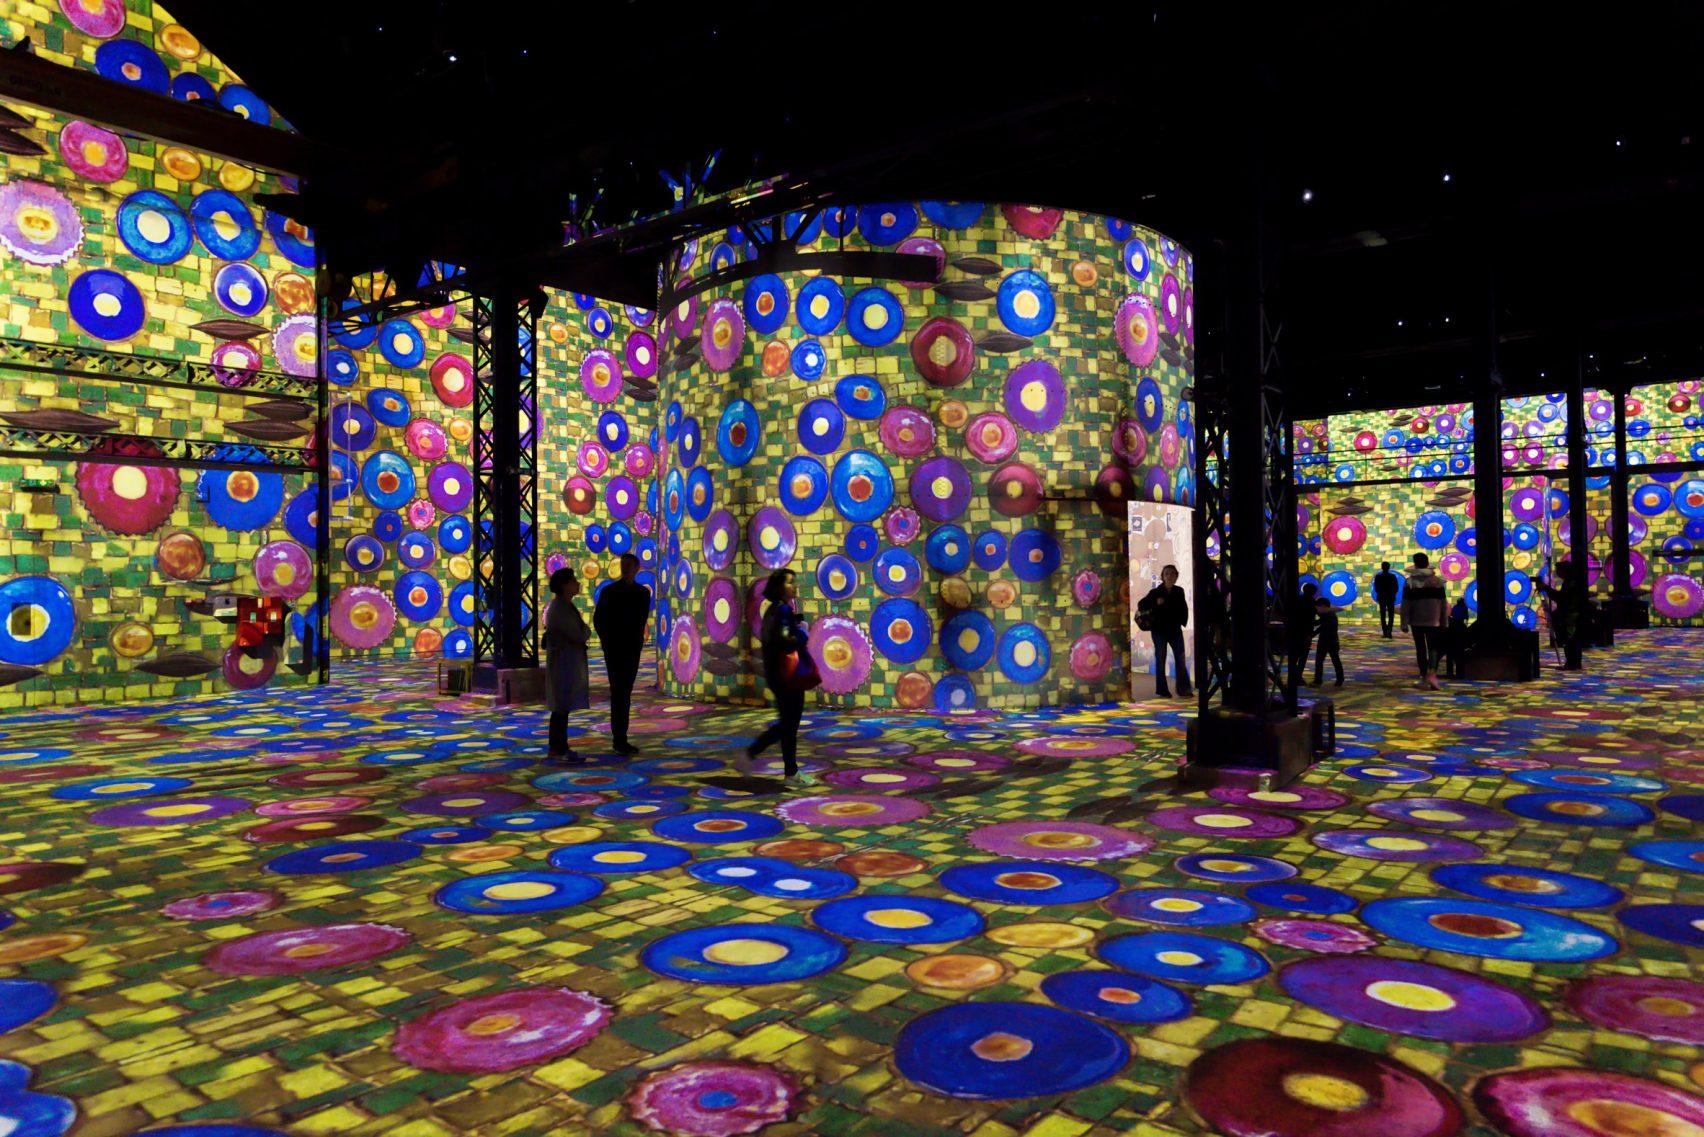 paris atelier lights digital fine art museum design dezeen 2364 col 9 1704x1137 - L'Atelier des Lumières: une révolution scénographique 2.0 ?